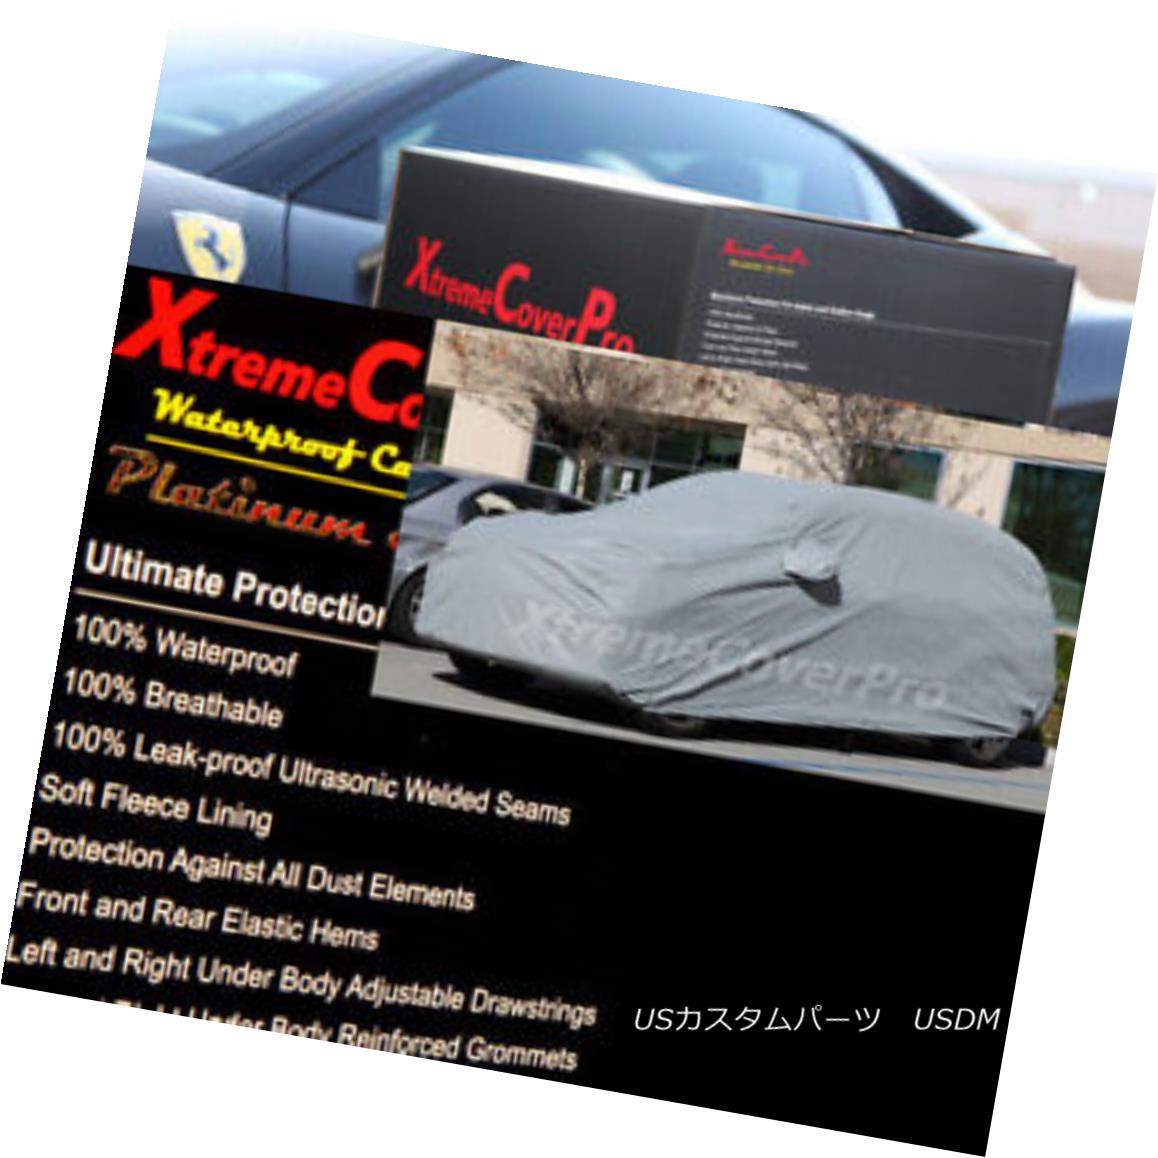 カーカバー 1995 1996 1997 1998 1999 Chevy Tahoe 2Door Waterproof Car Cover w/MirrorPocket 1995年1996年1997年1998年1999年シボレータホー2ドア防水カーカバー付き(MirrorPocket)